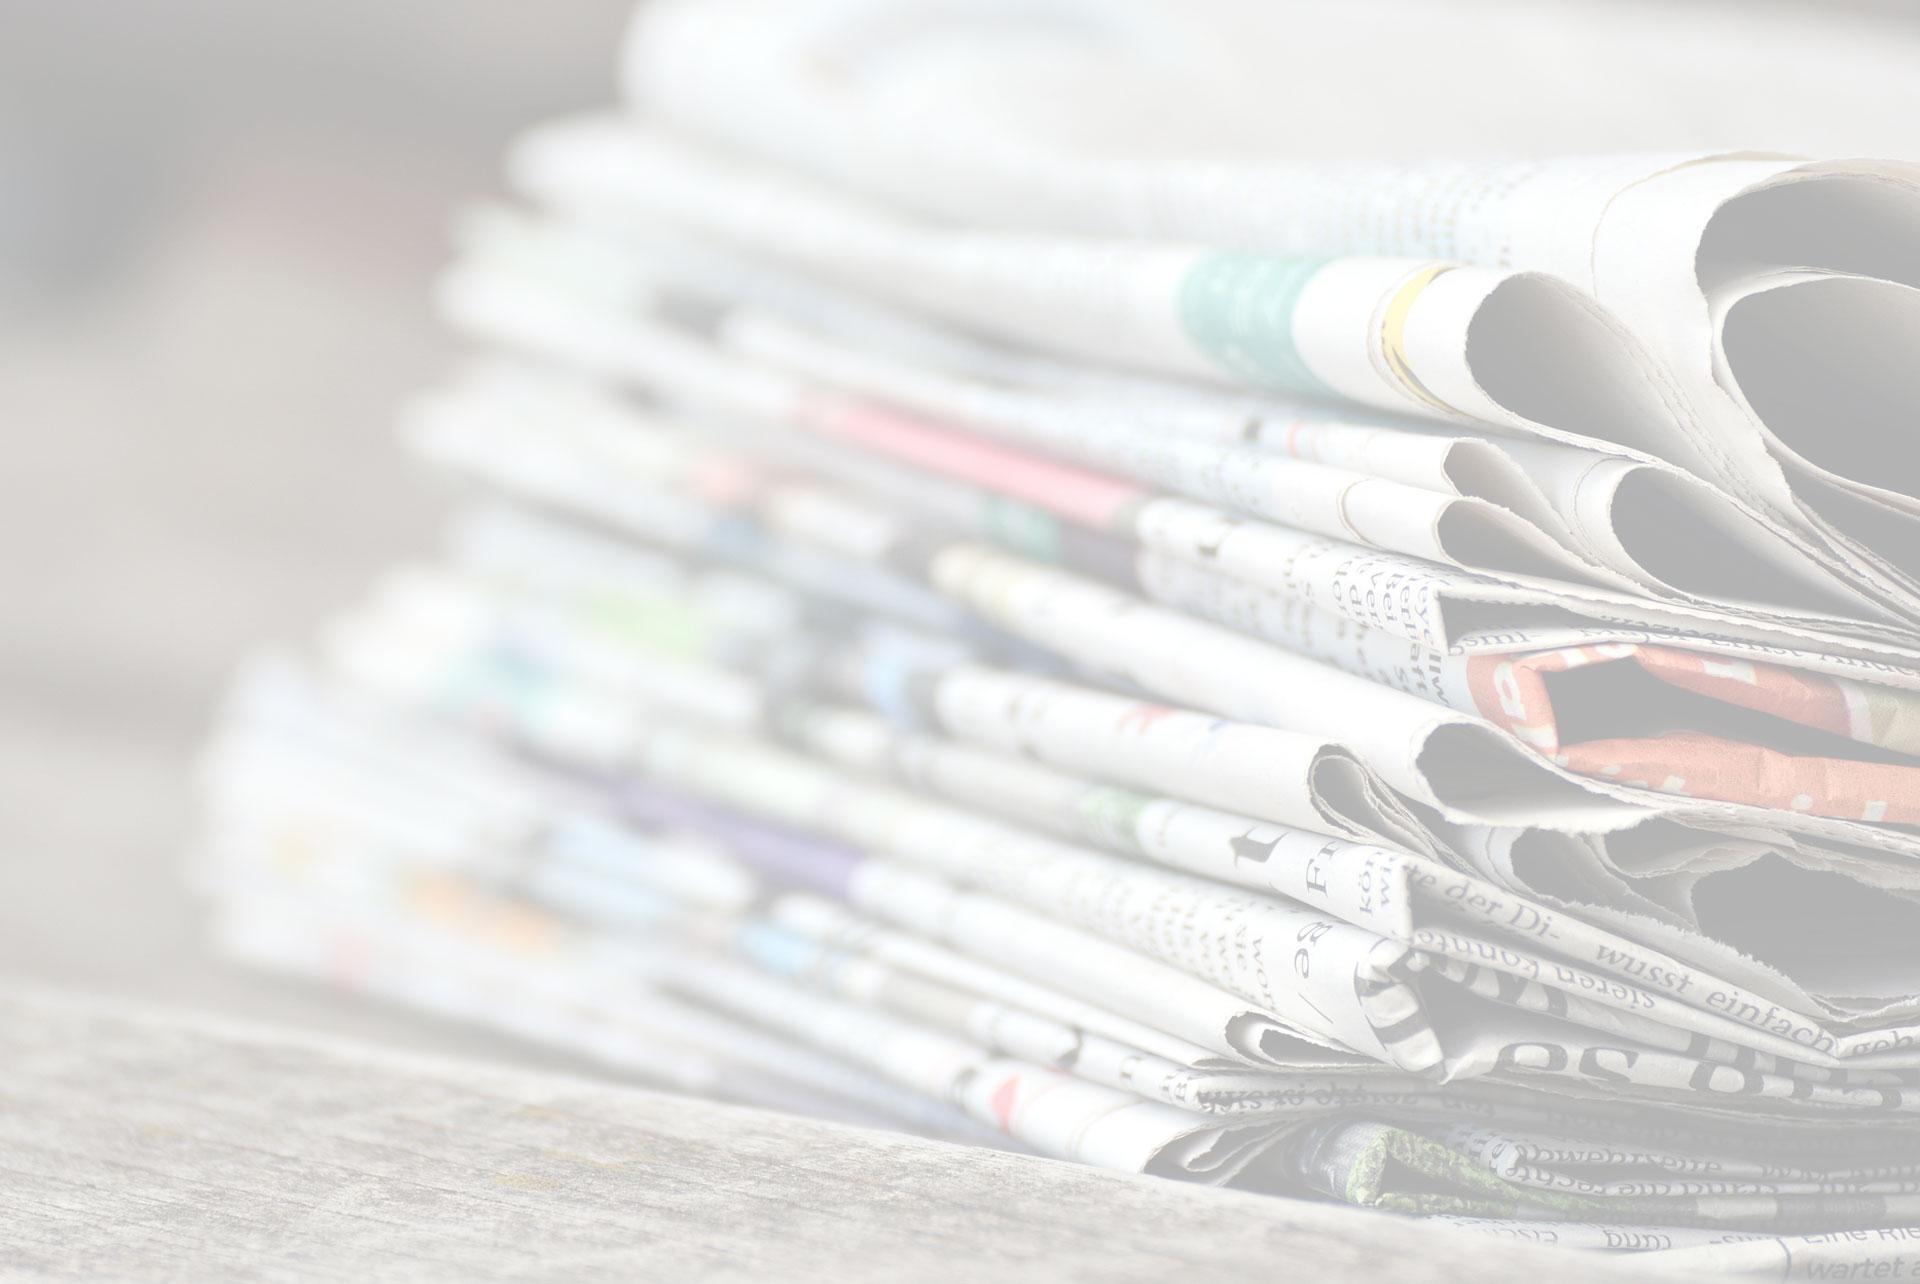 come usare linkedin per trovare lavoro